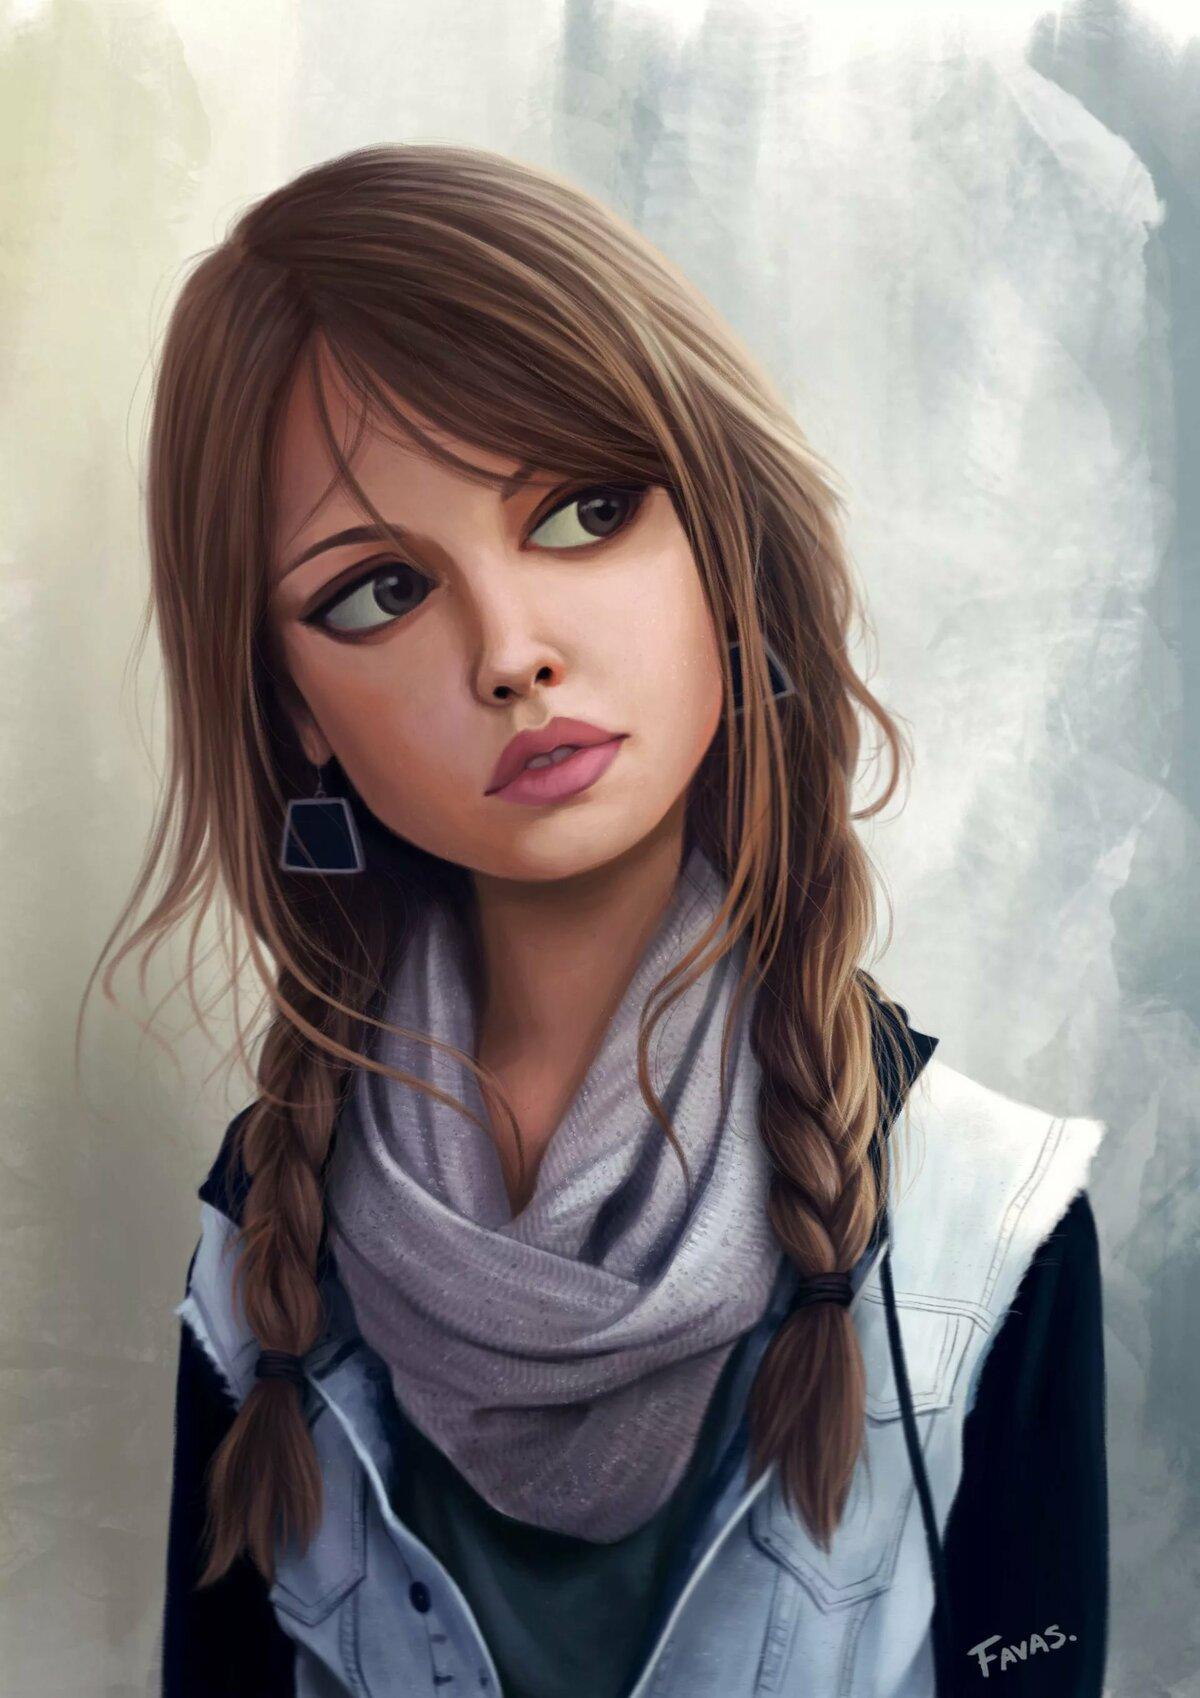 Скрап, картинки картинки нарисованные девочки